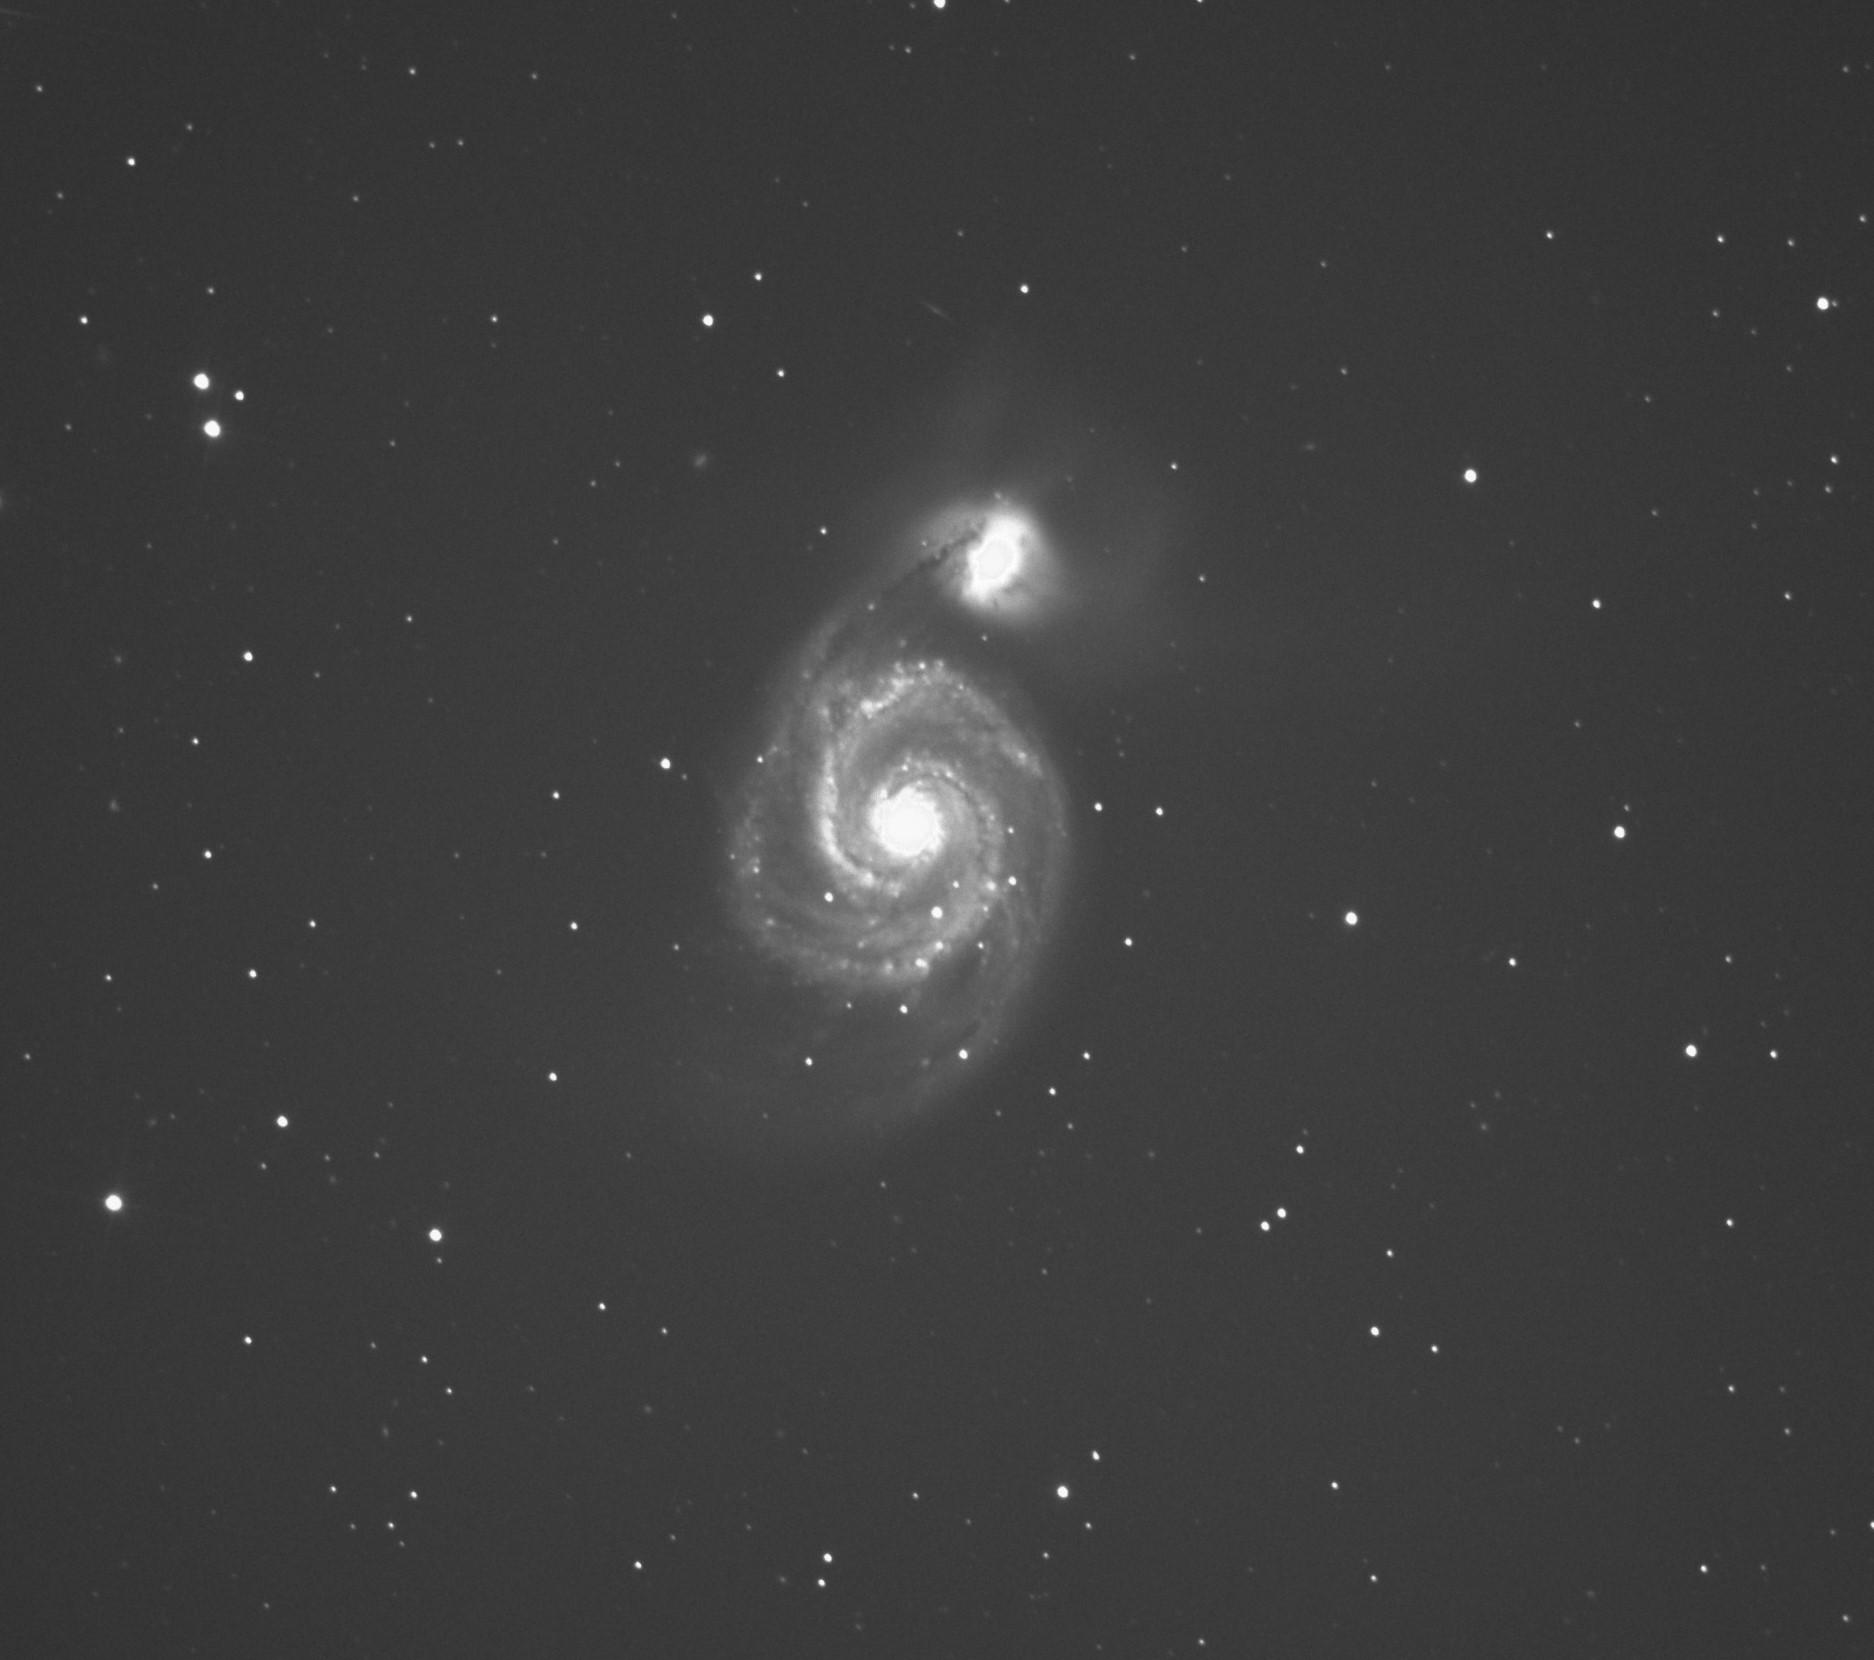 """Galaxie M51 dite """"du tourbillon"""" (Grande Ourse)- Stéphane PICQUETTE -Newton 200/1000 - monture EQ6R-PRO, caméra ZWO 294MC refroidie, 50 poses de 120s, gain 460, 15 dark, traitement avec logiciel SIRIL et photoshop"""